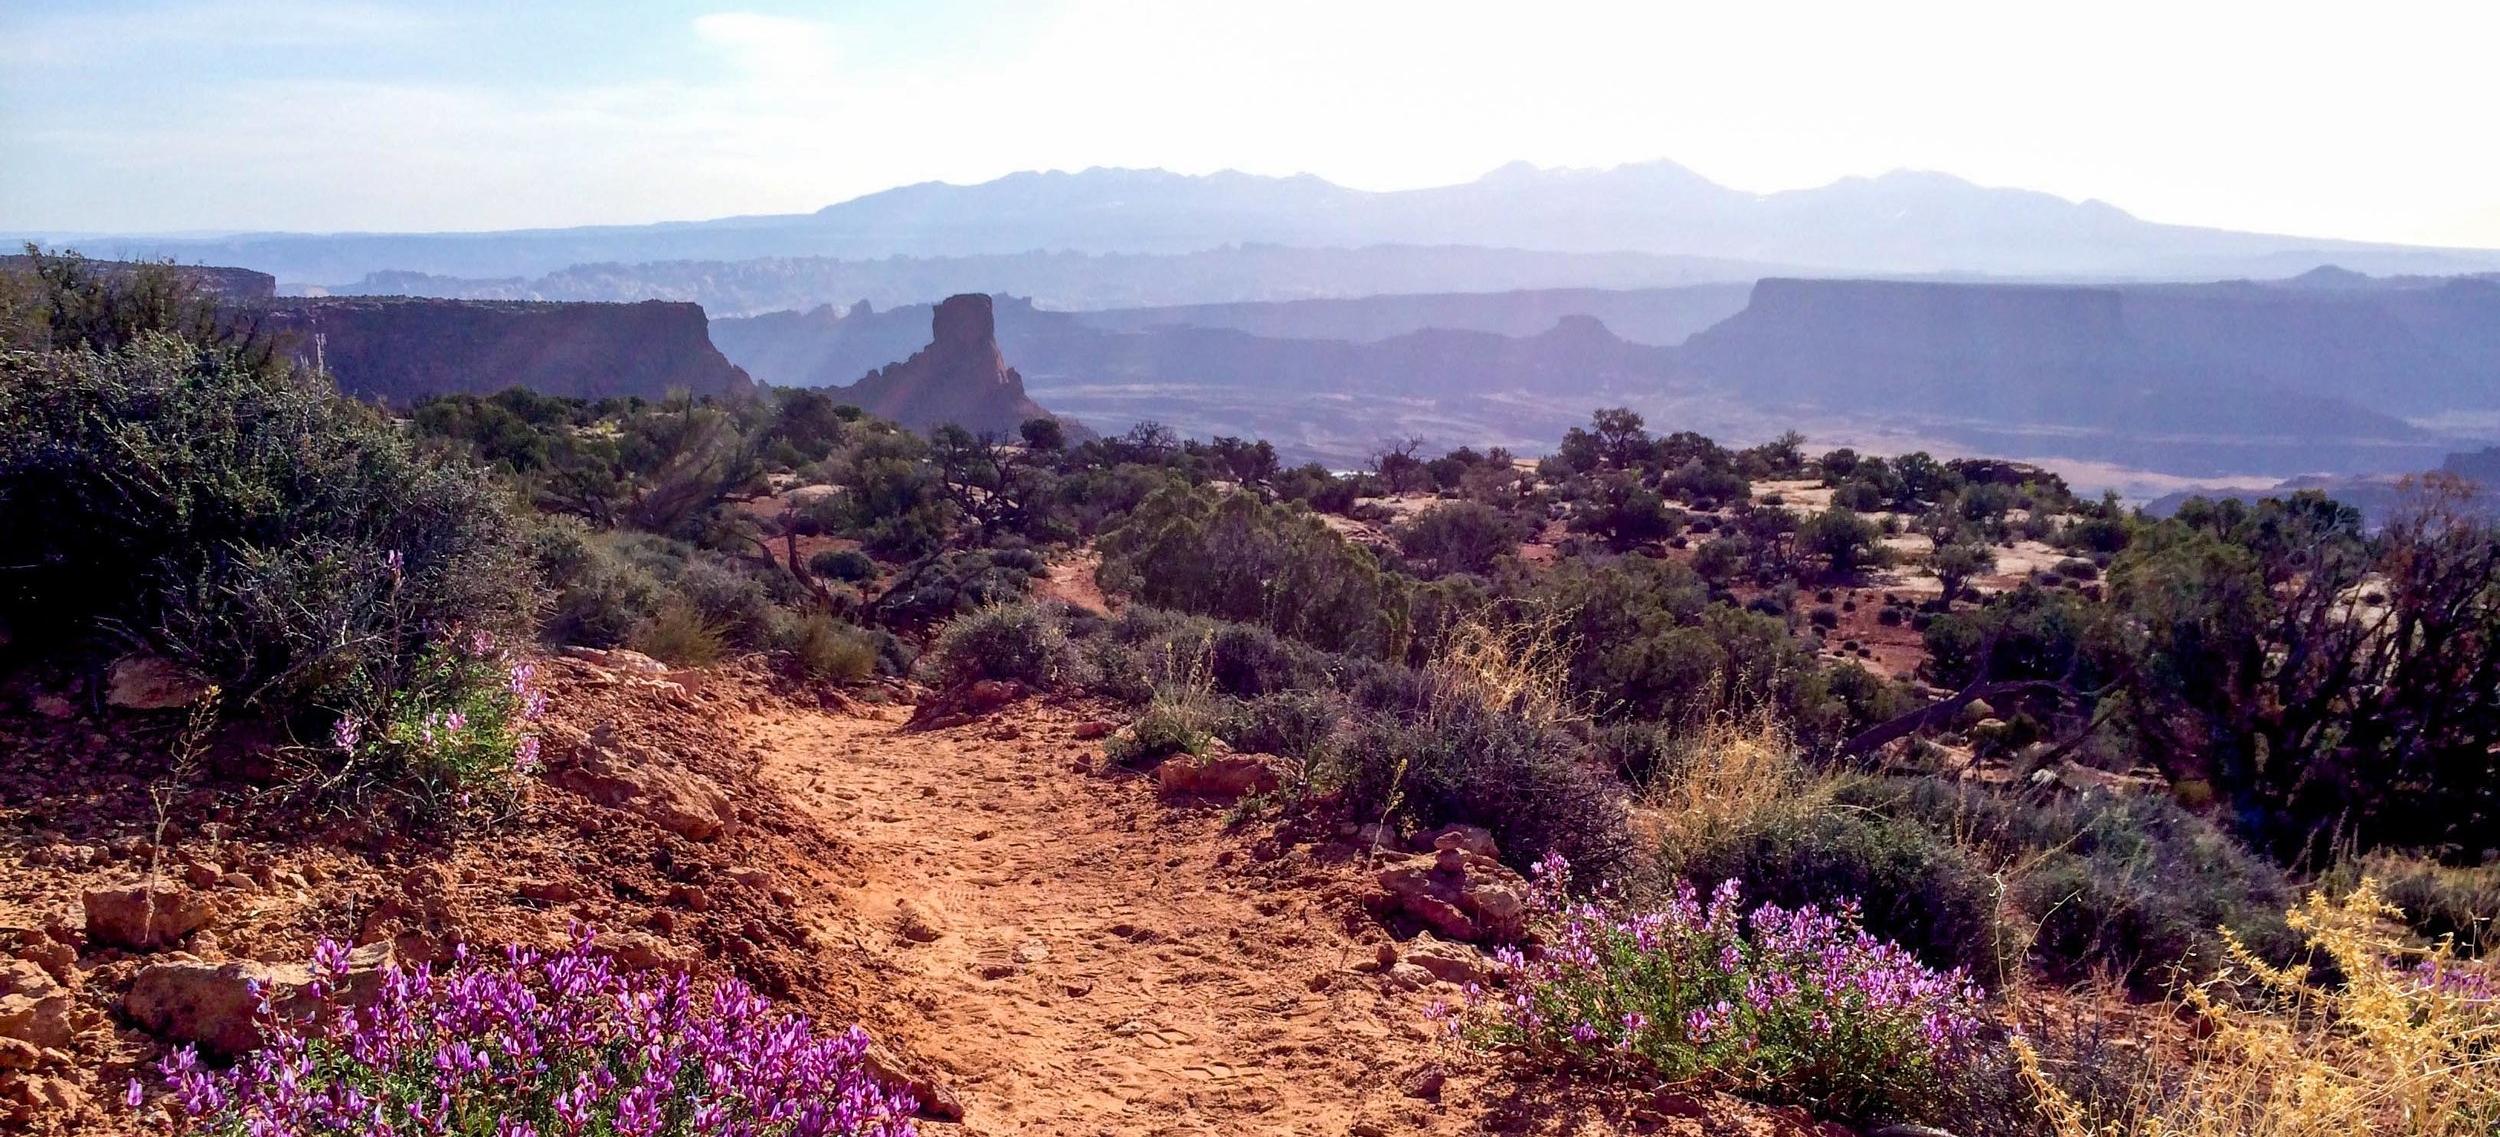 the desert near moab (photo by willow belden)